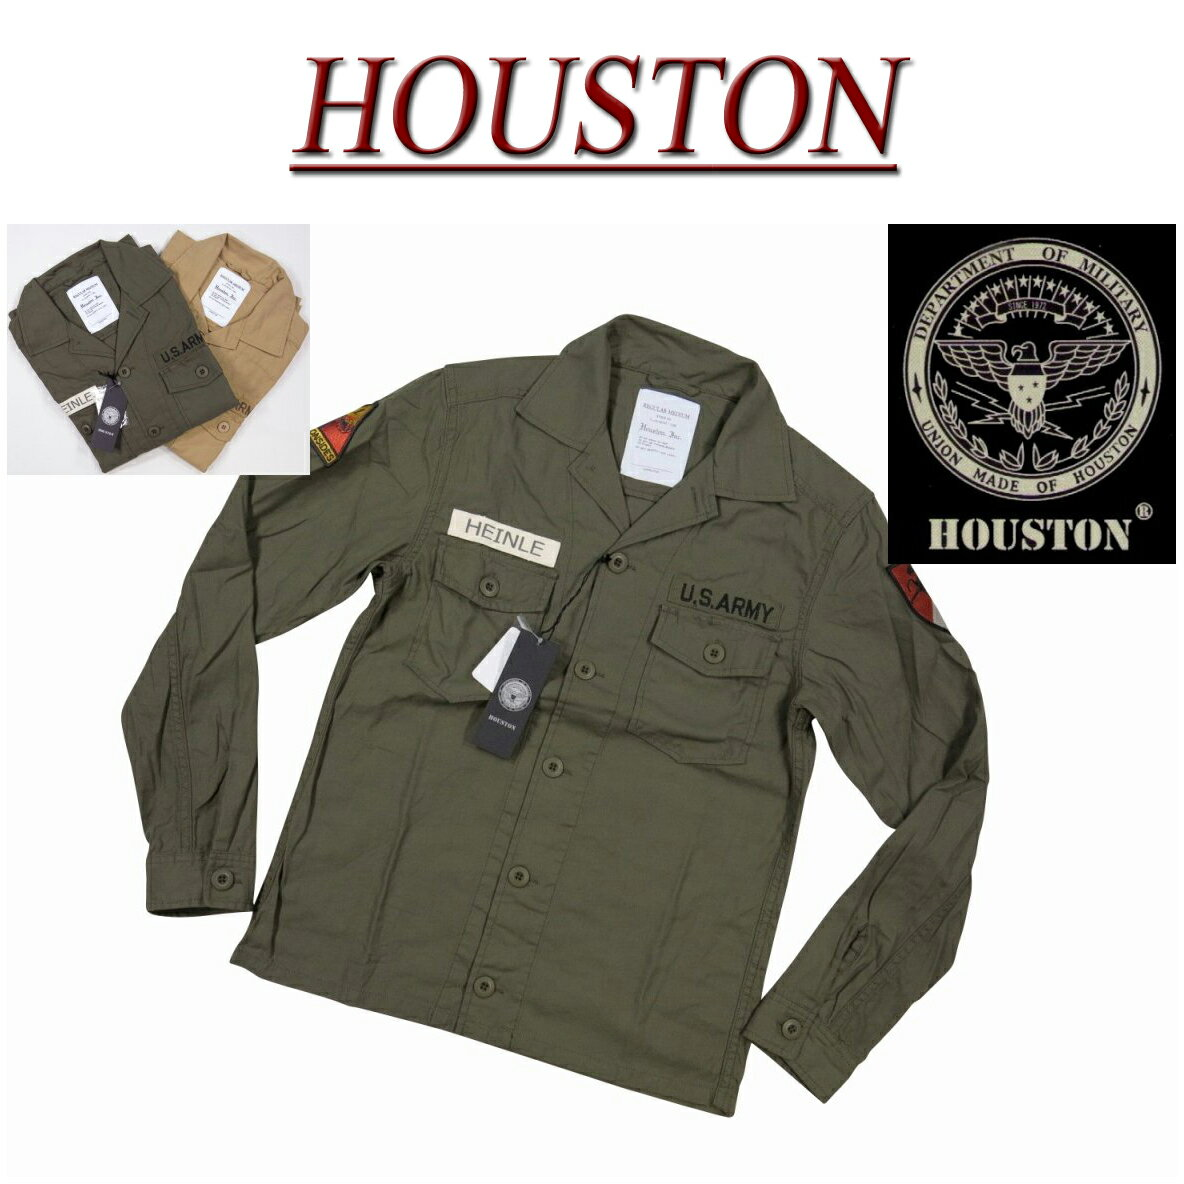 【2色3サイズ】 ja161 新品 HOUSTON U.S.ARMY ワッペン付 長袖 コットン ミリタリーシャツ 40150 メンズ ヒューストン WAPPEN MILITARY LS SHIRT ARMY ワークシャツ 軍シャツ アメカジ10P27May16